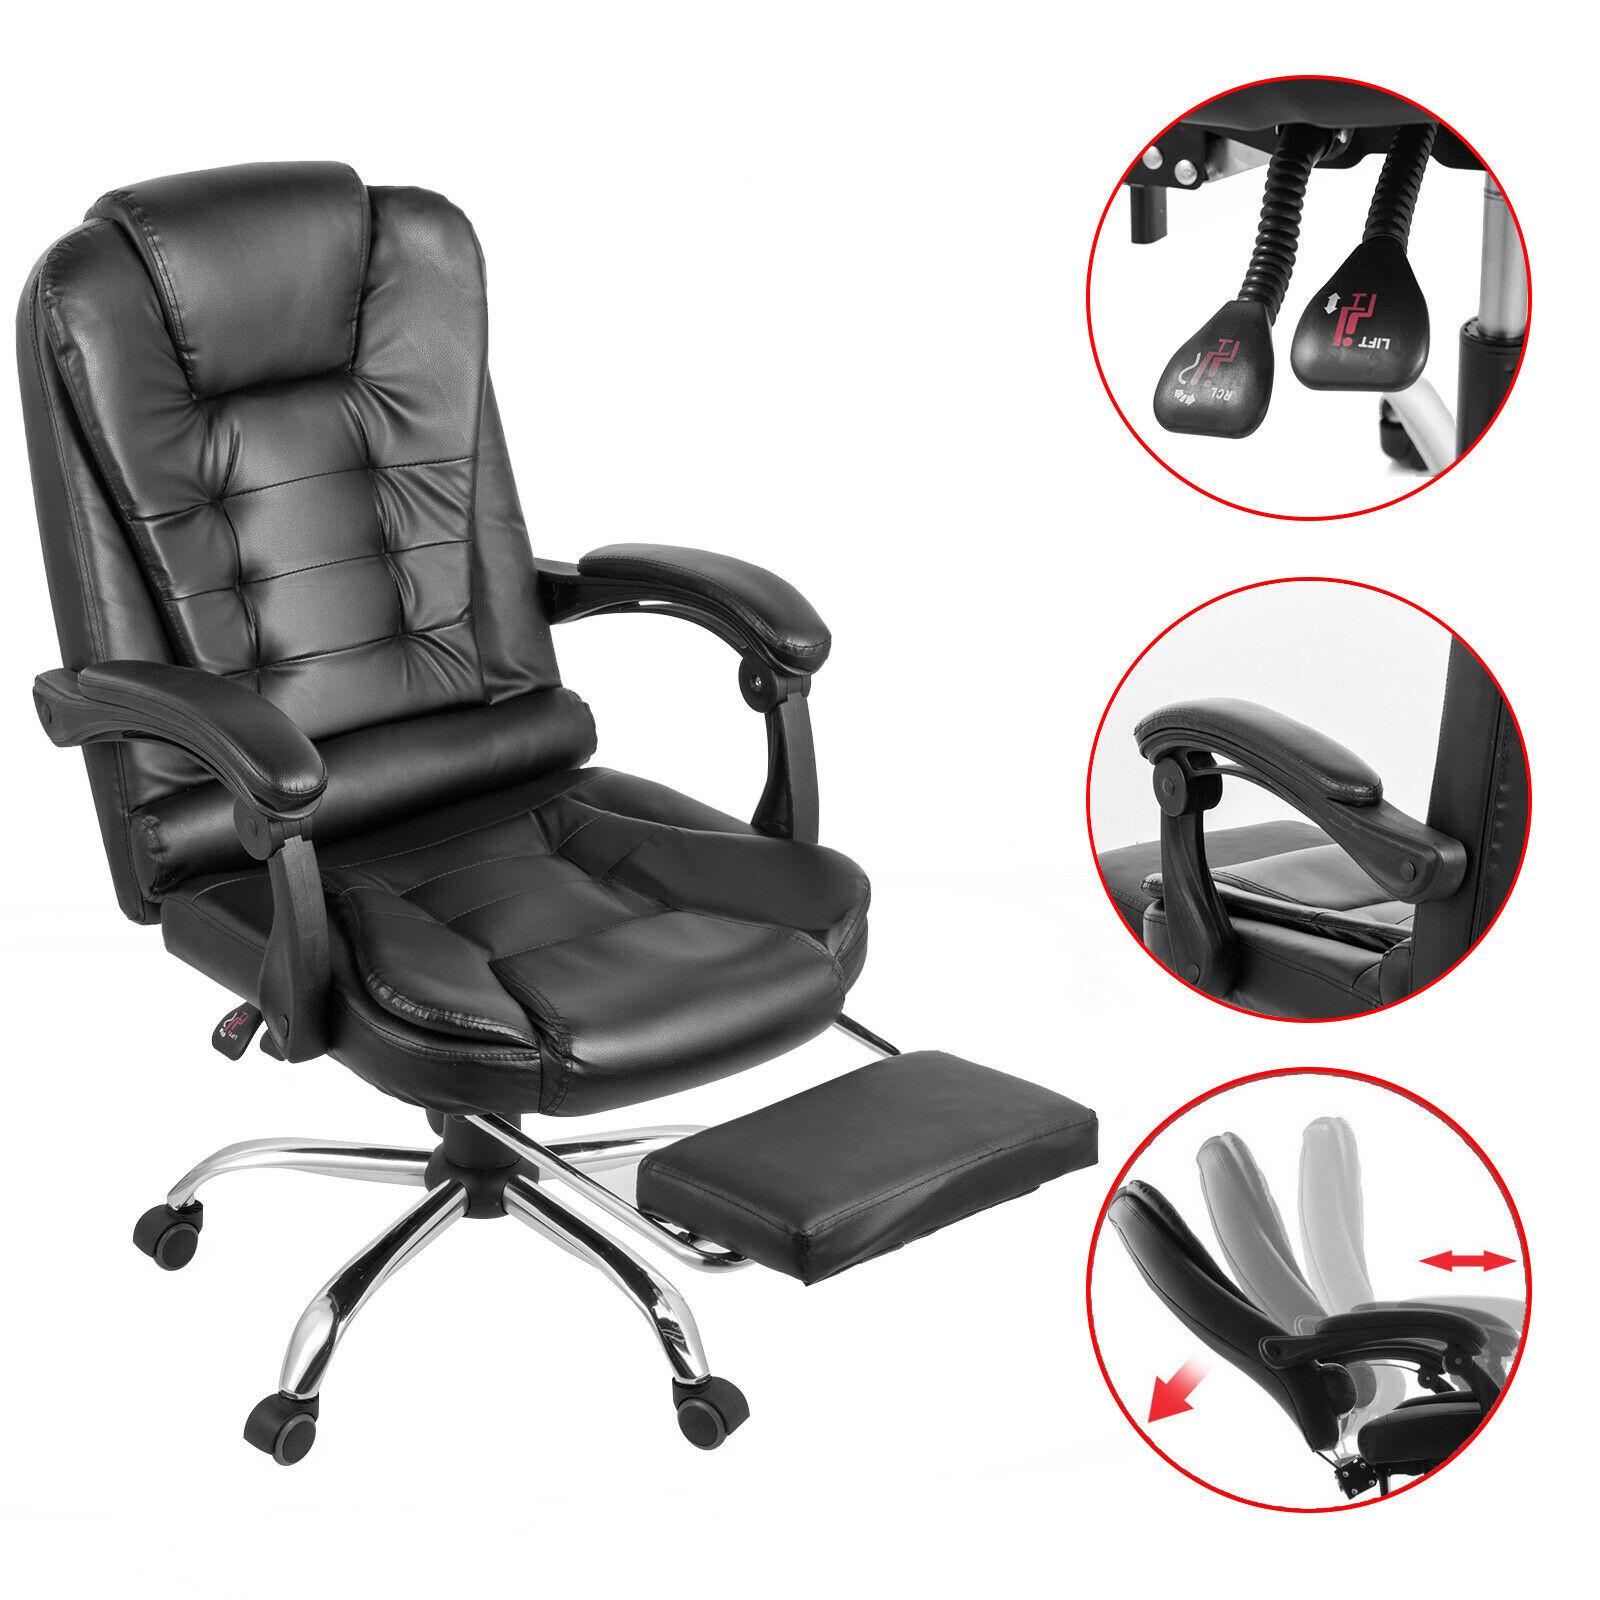 Comfortable Computer Chair Reclining Office Chair Tilt Height Adjust Swivel